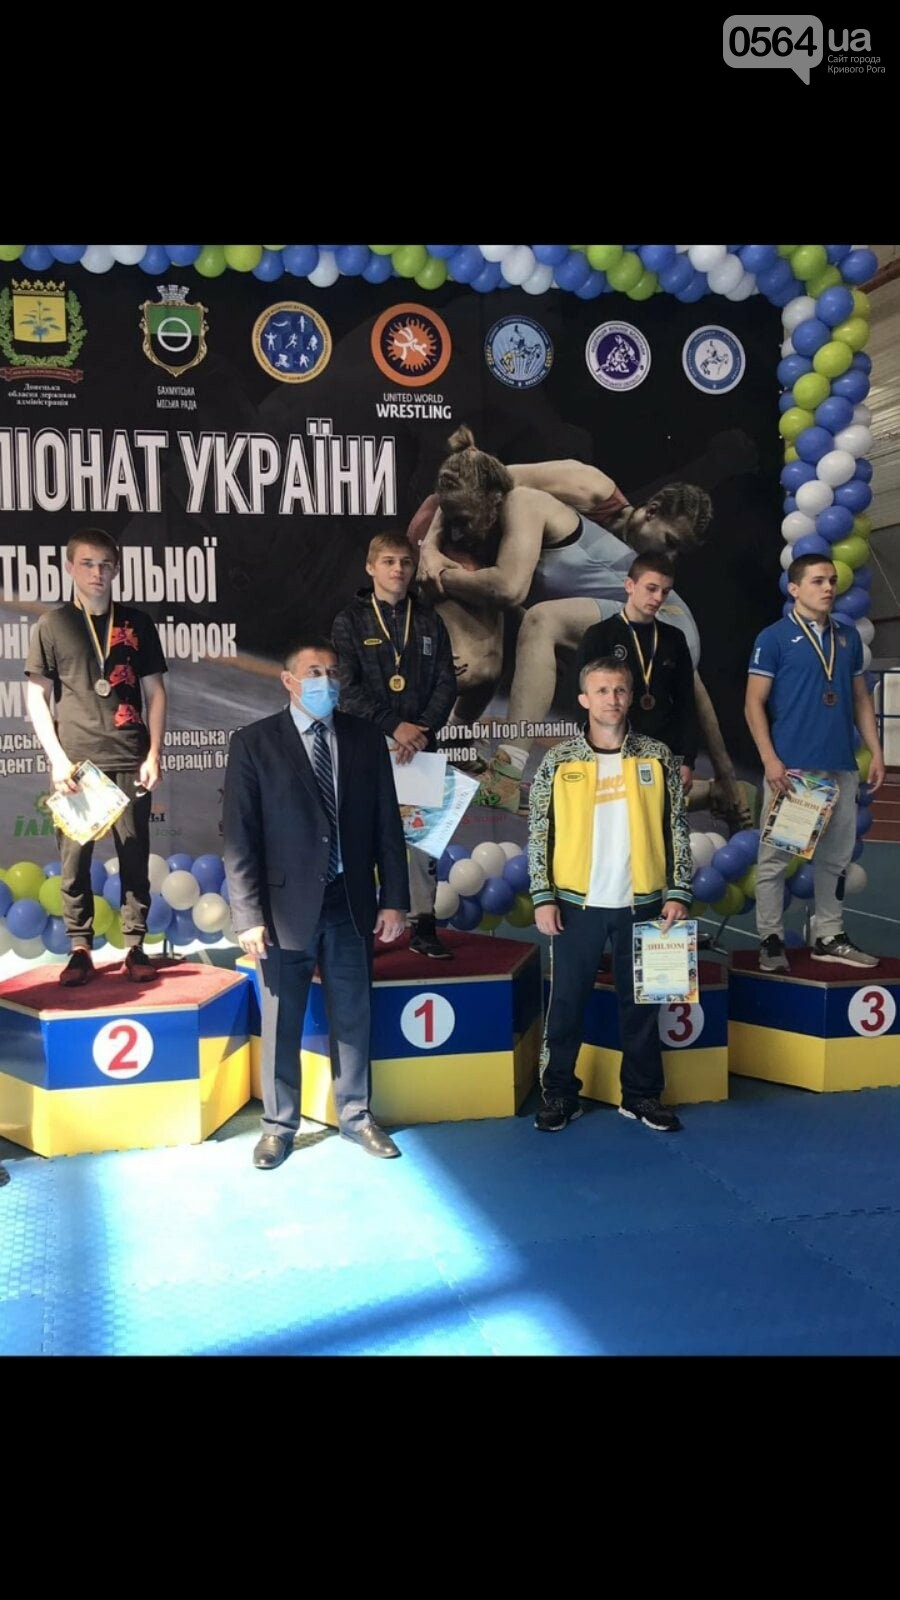 Братья из Кривого Рога привезли медали с Чемпионата Украины по вольной борьбе, - ФОТО , фото-2